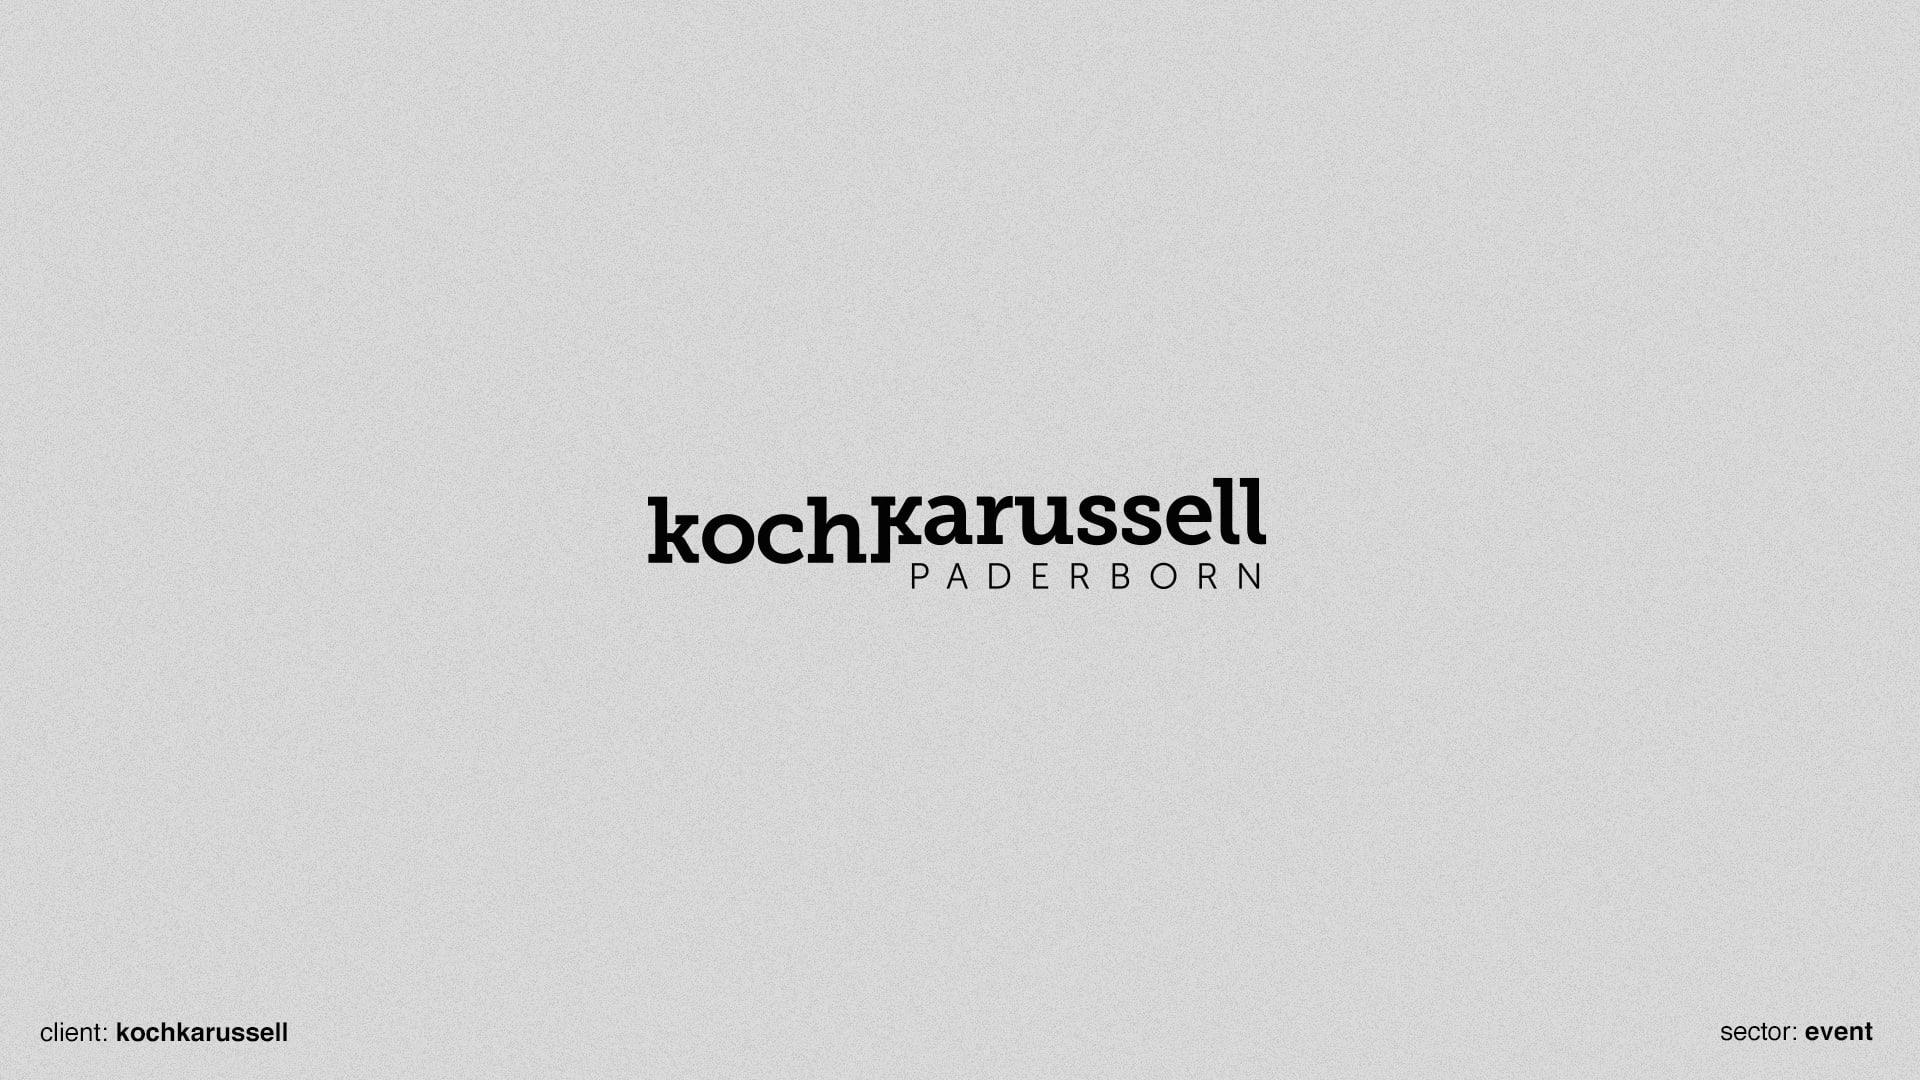 09-kochkarussell